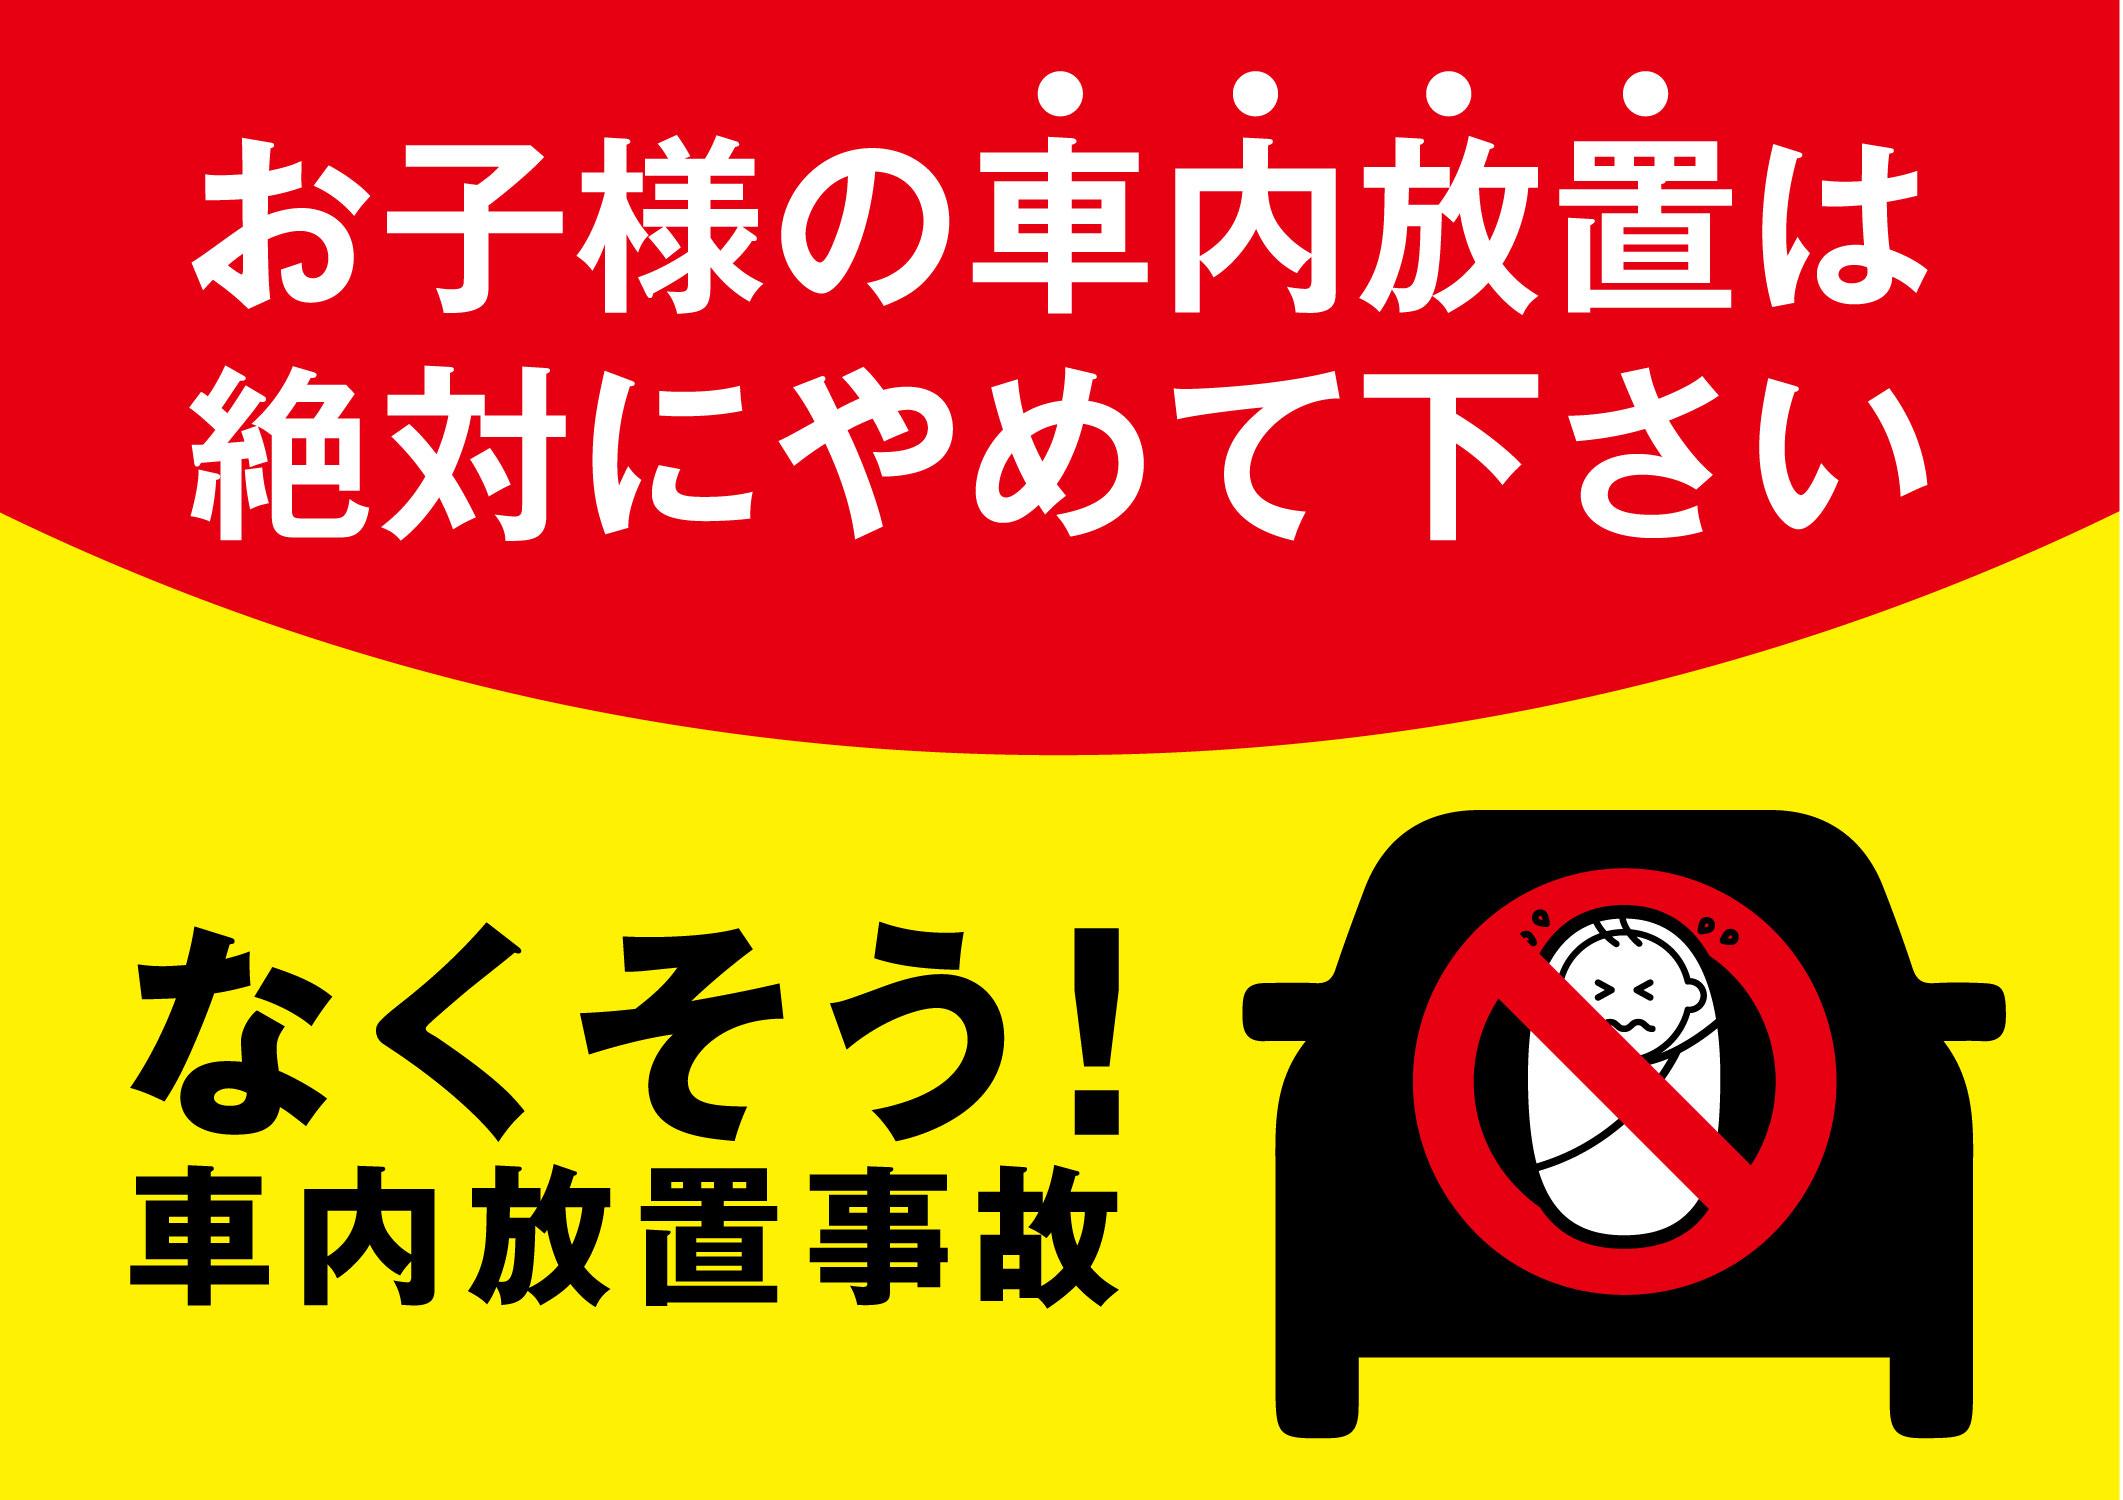 車内放置の注意喚起広告を掲載